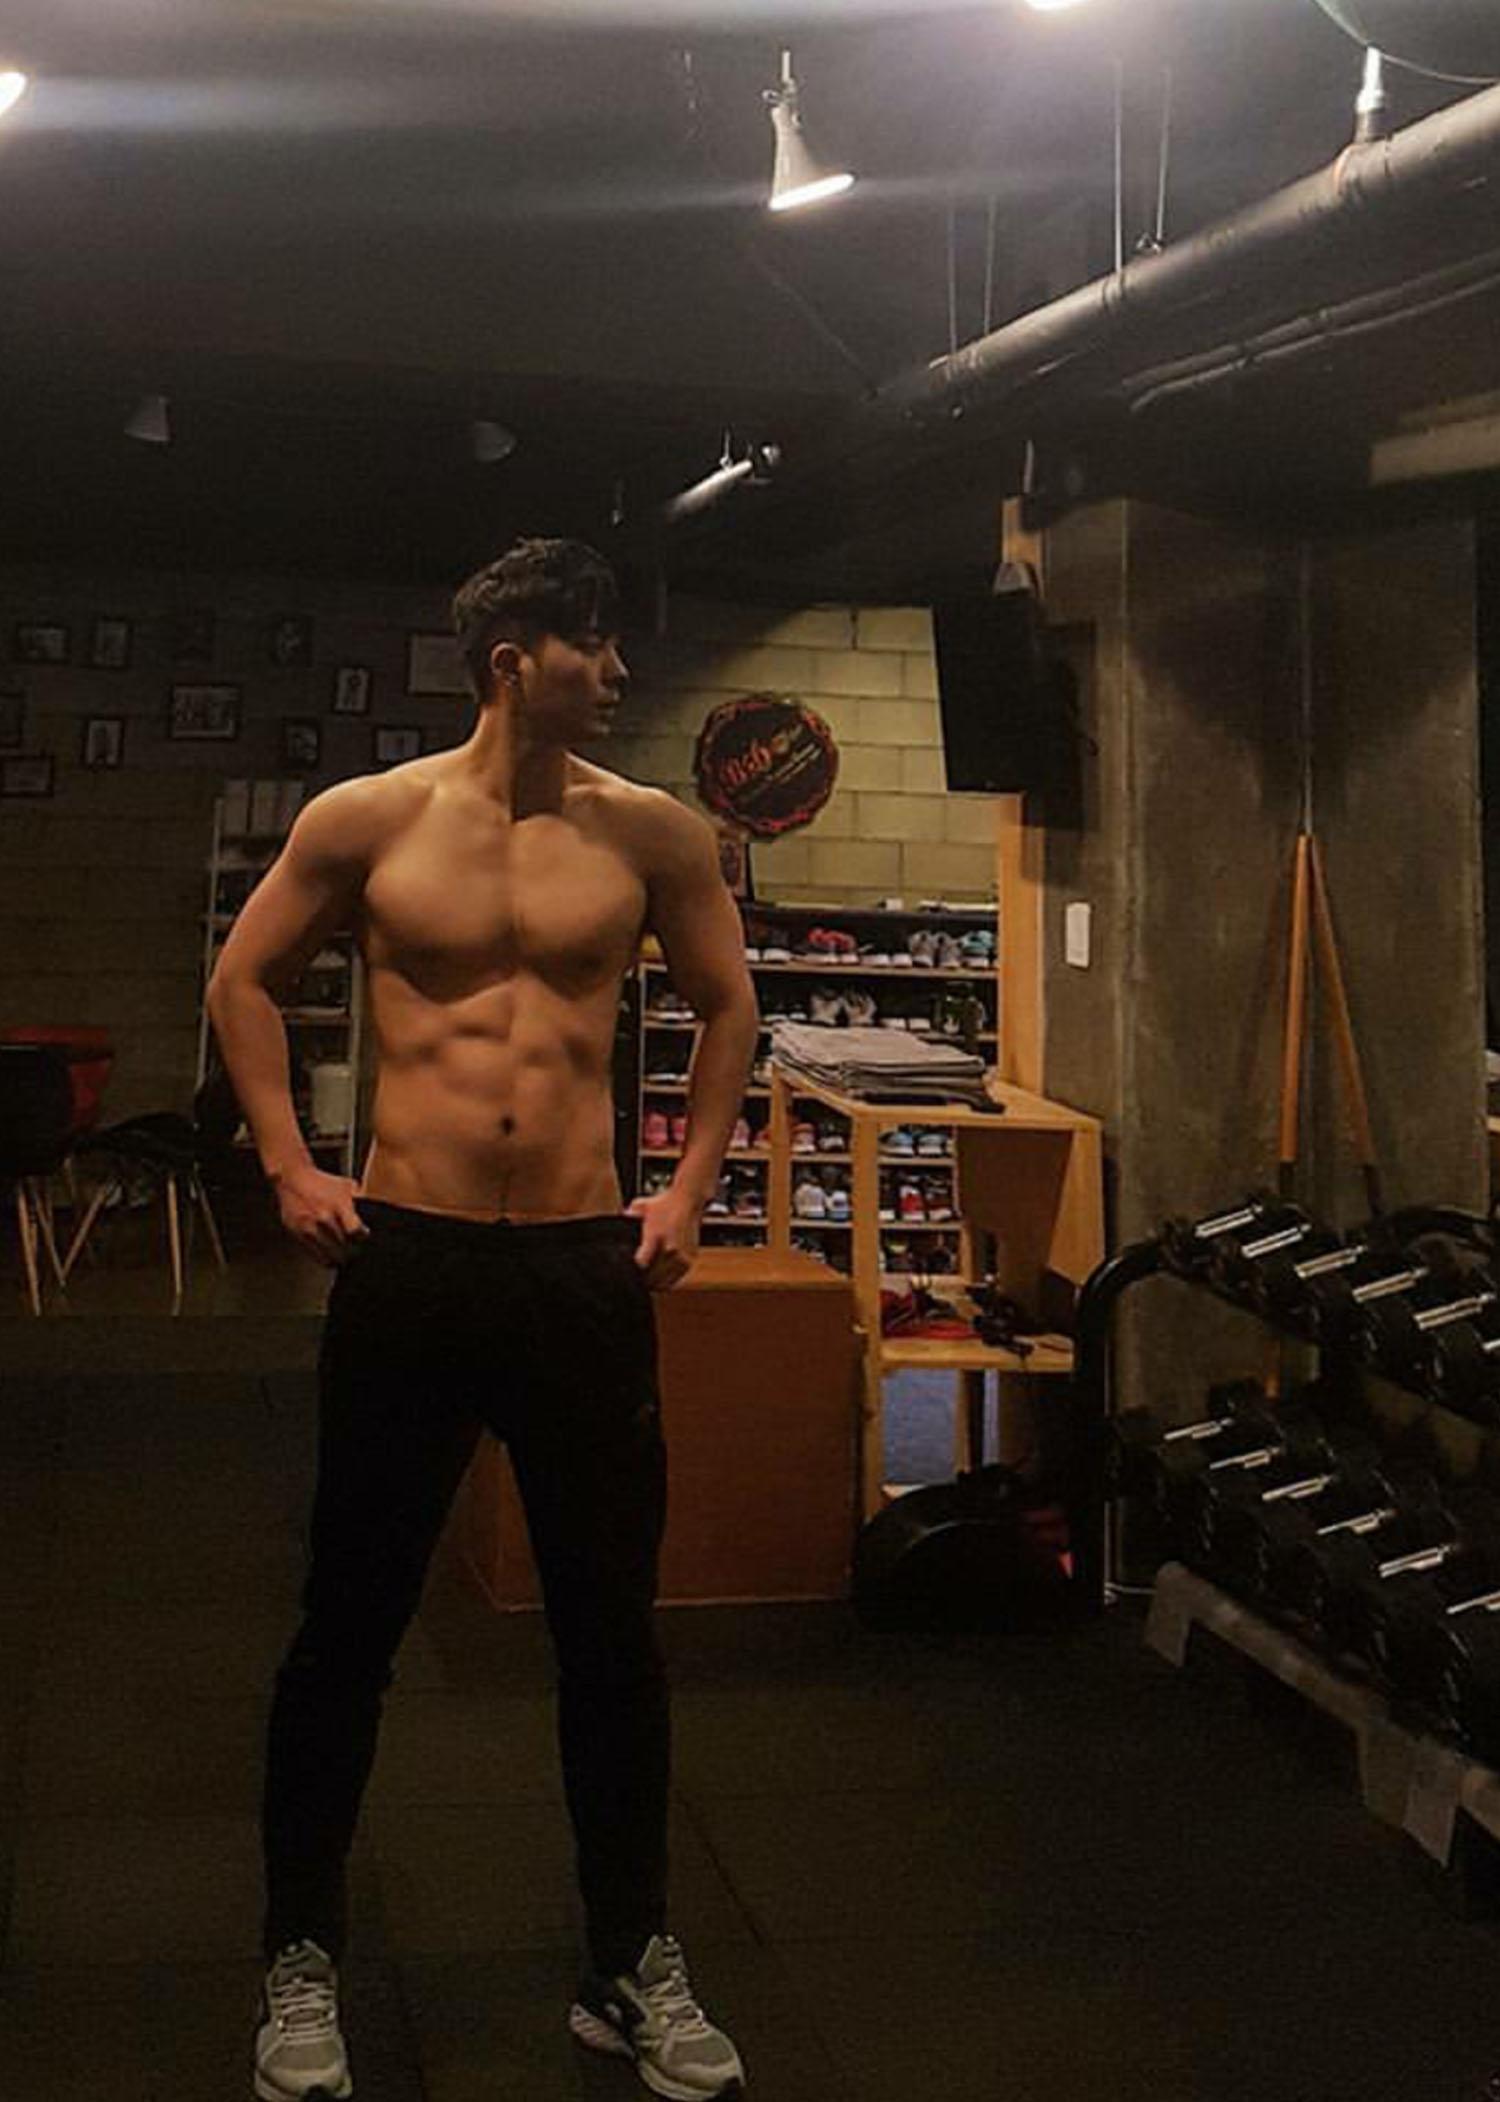 韩国的警察肌肉帅哥,穿警服清秀,脱衣有肉